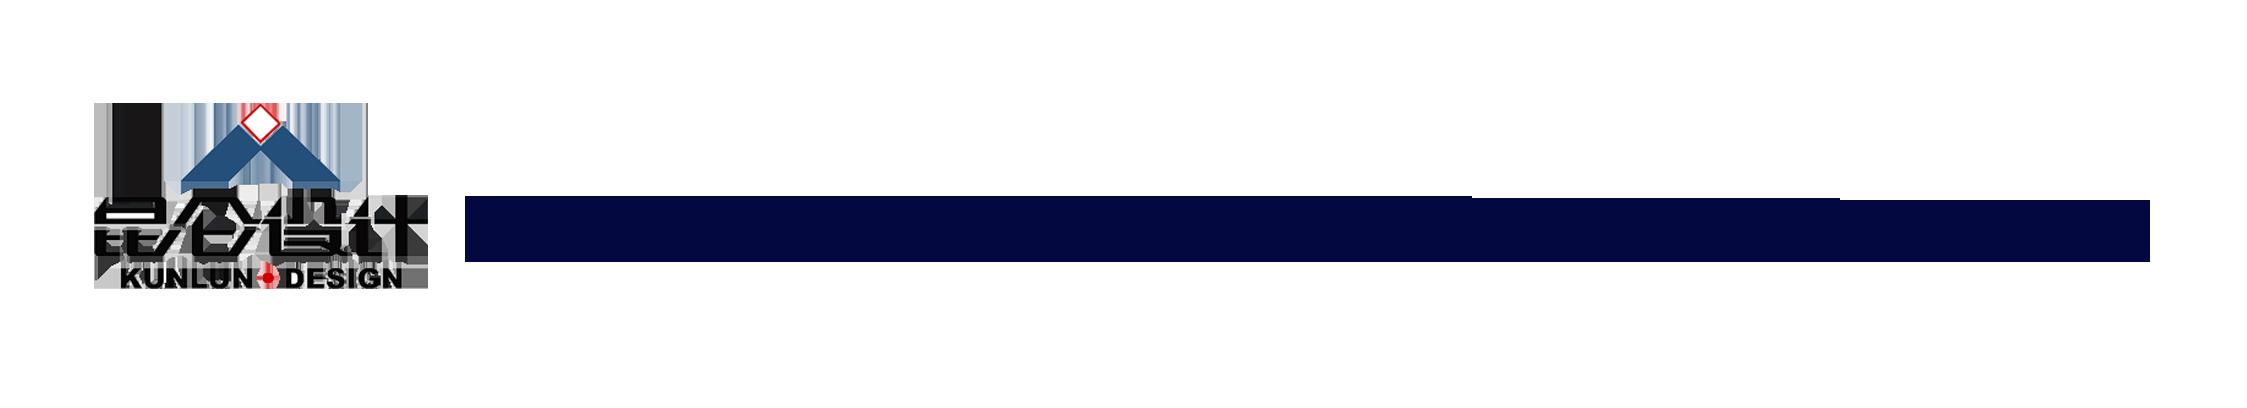 邯鄲市昆侖城市建筑設計有限責任公司